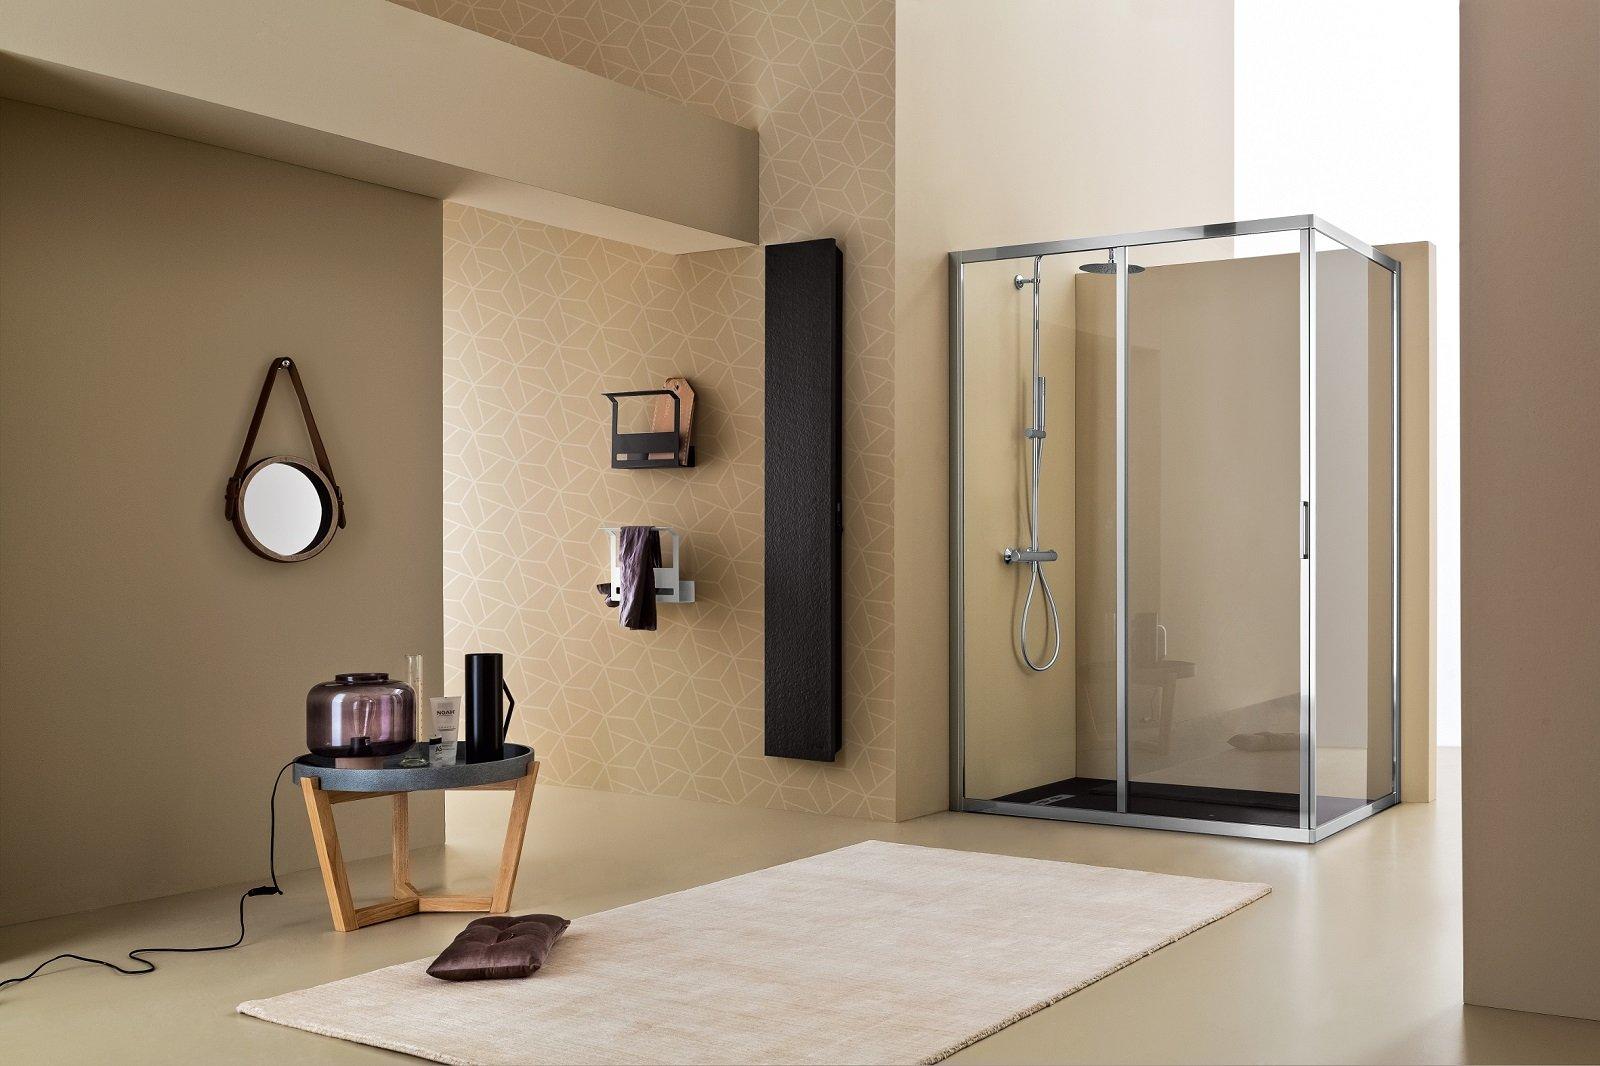 Il box doccia è funzionale bello e sicuro per un totale relax sotto